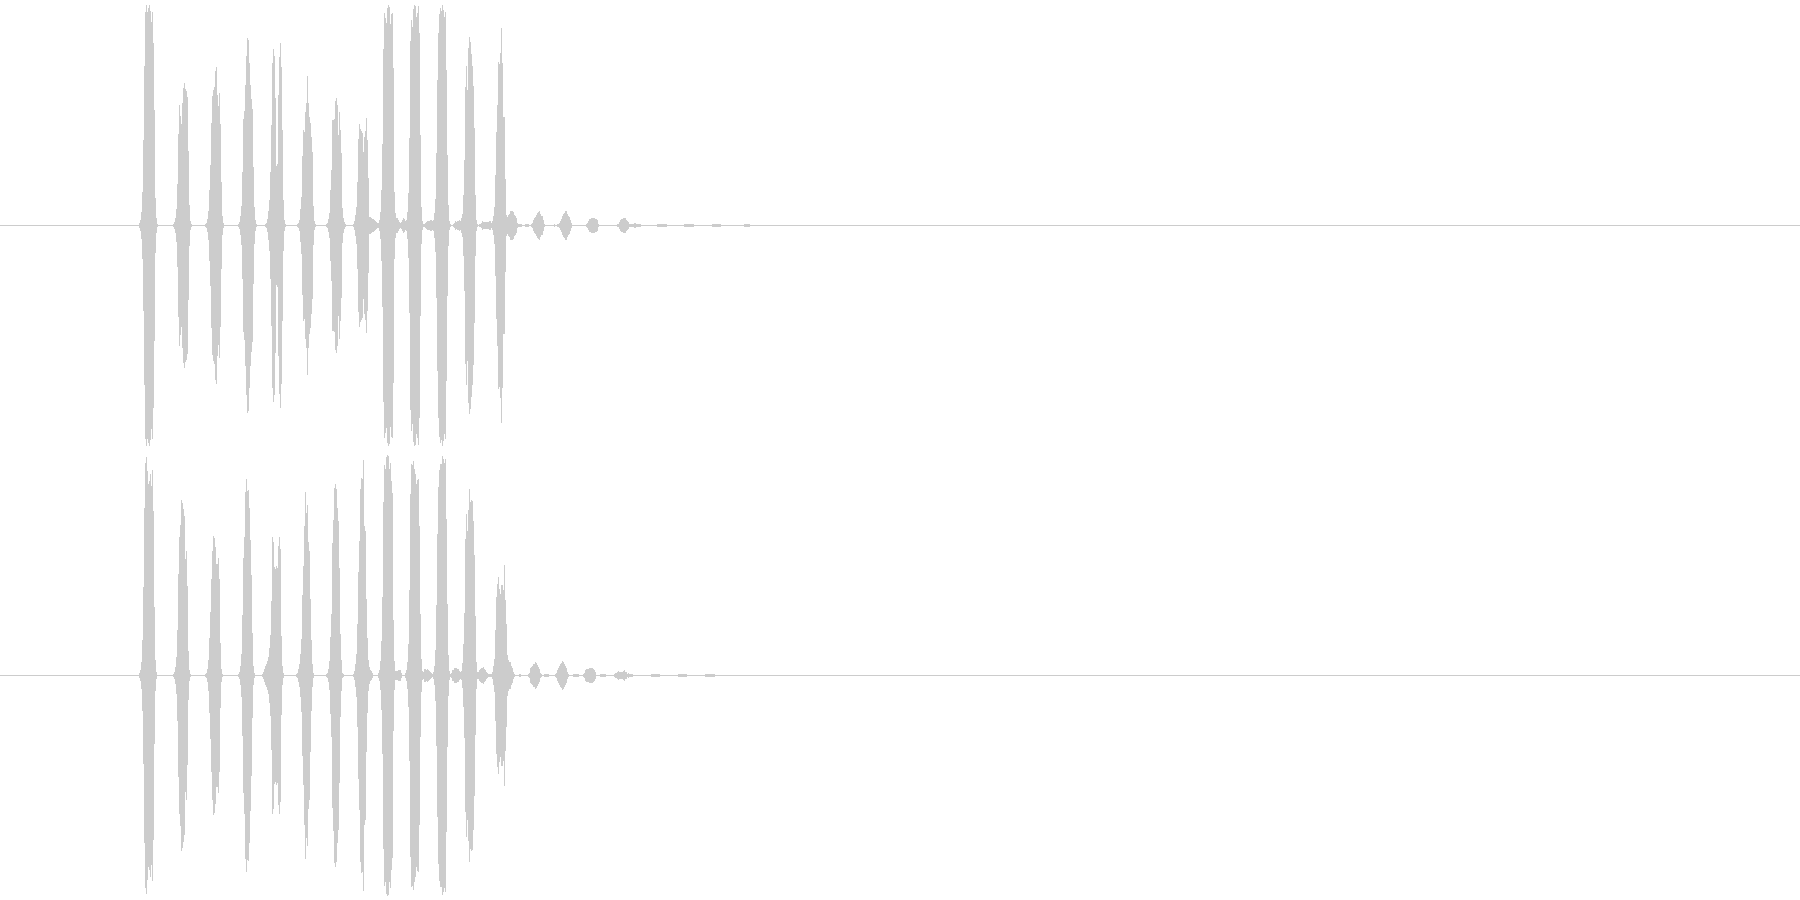 「表示」吹き出し/コミカル_003の未再生の波形